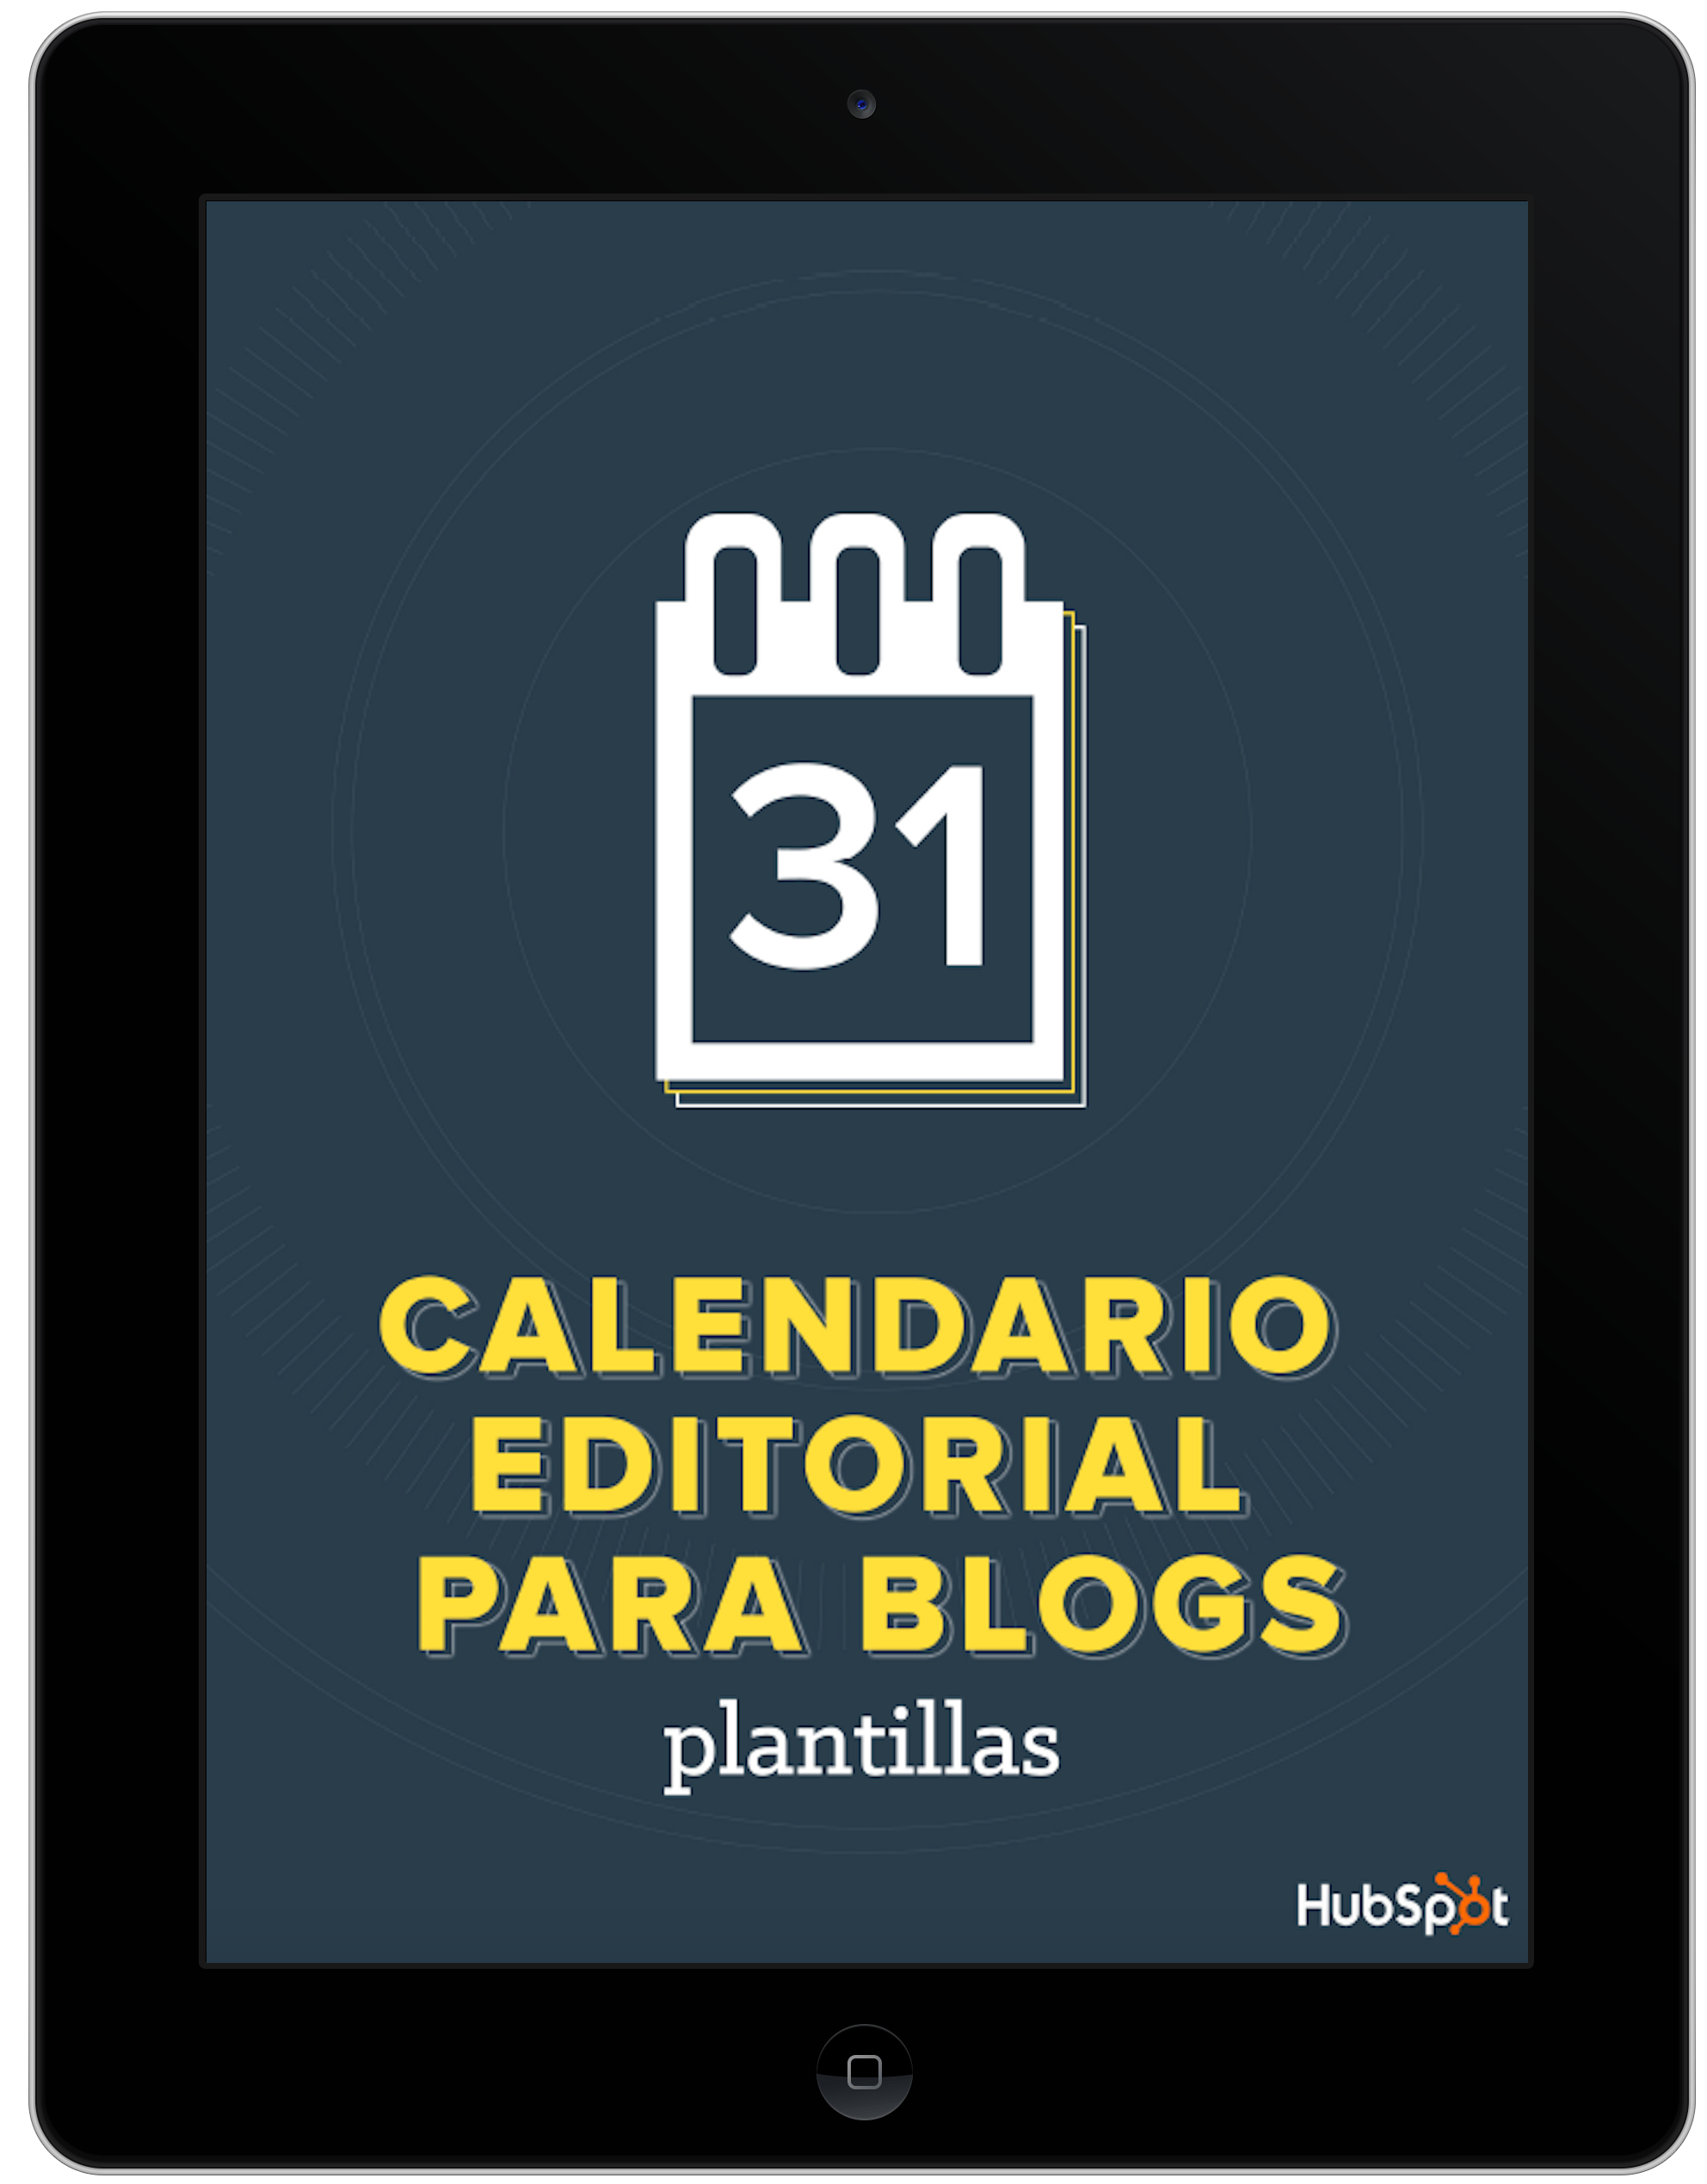 Calendario Editorial library-1.png